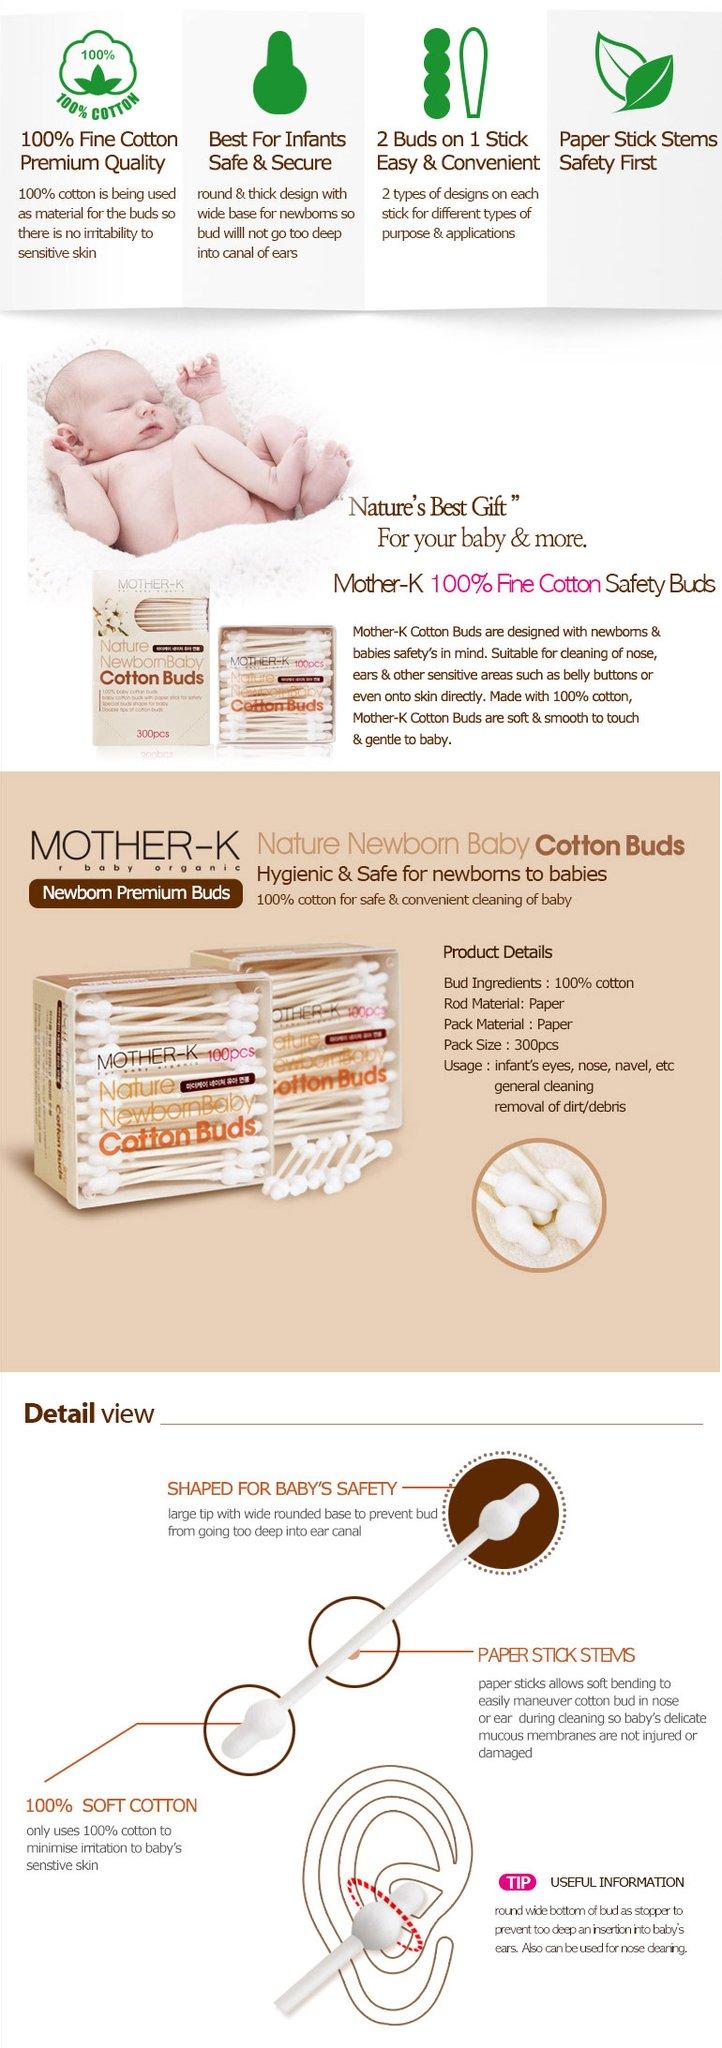 mother-k safe cotton buds